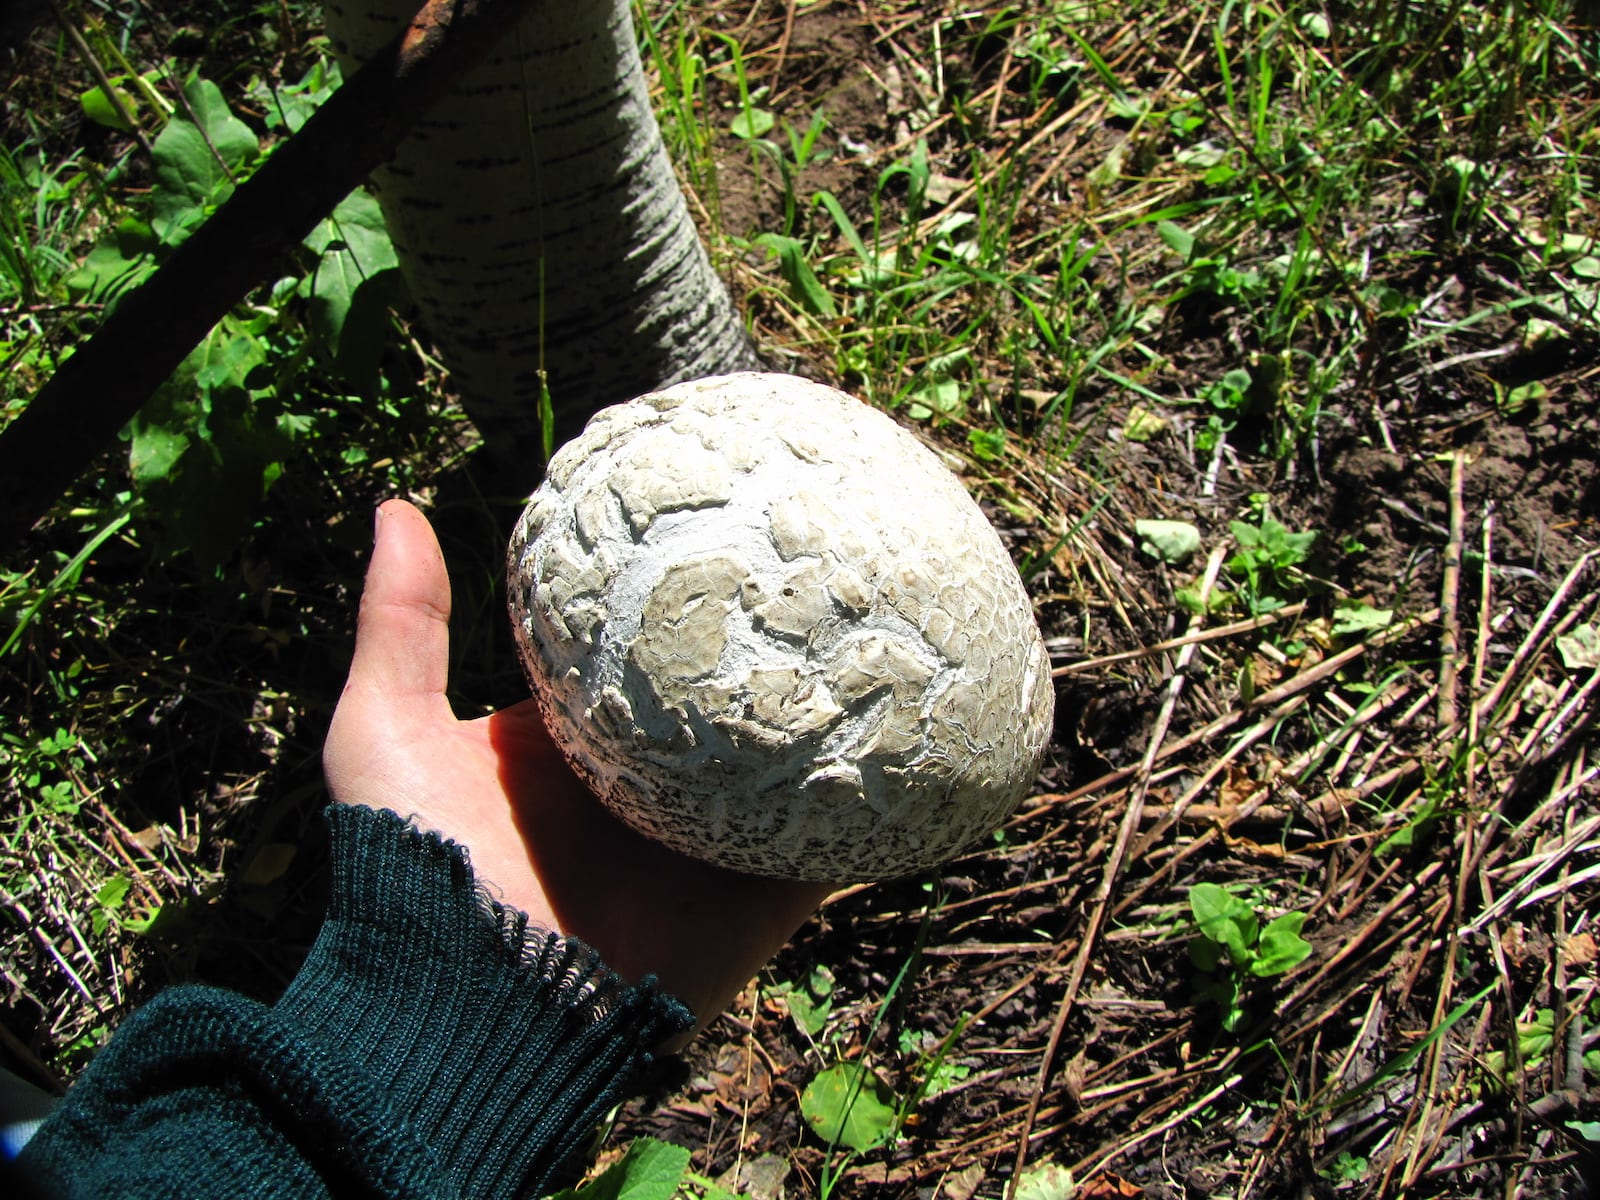 Calvatia Booiana Western Giant Puffball Mushroom